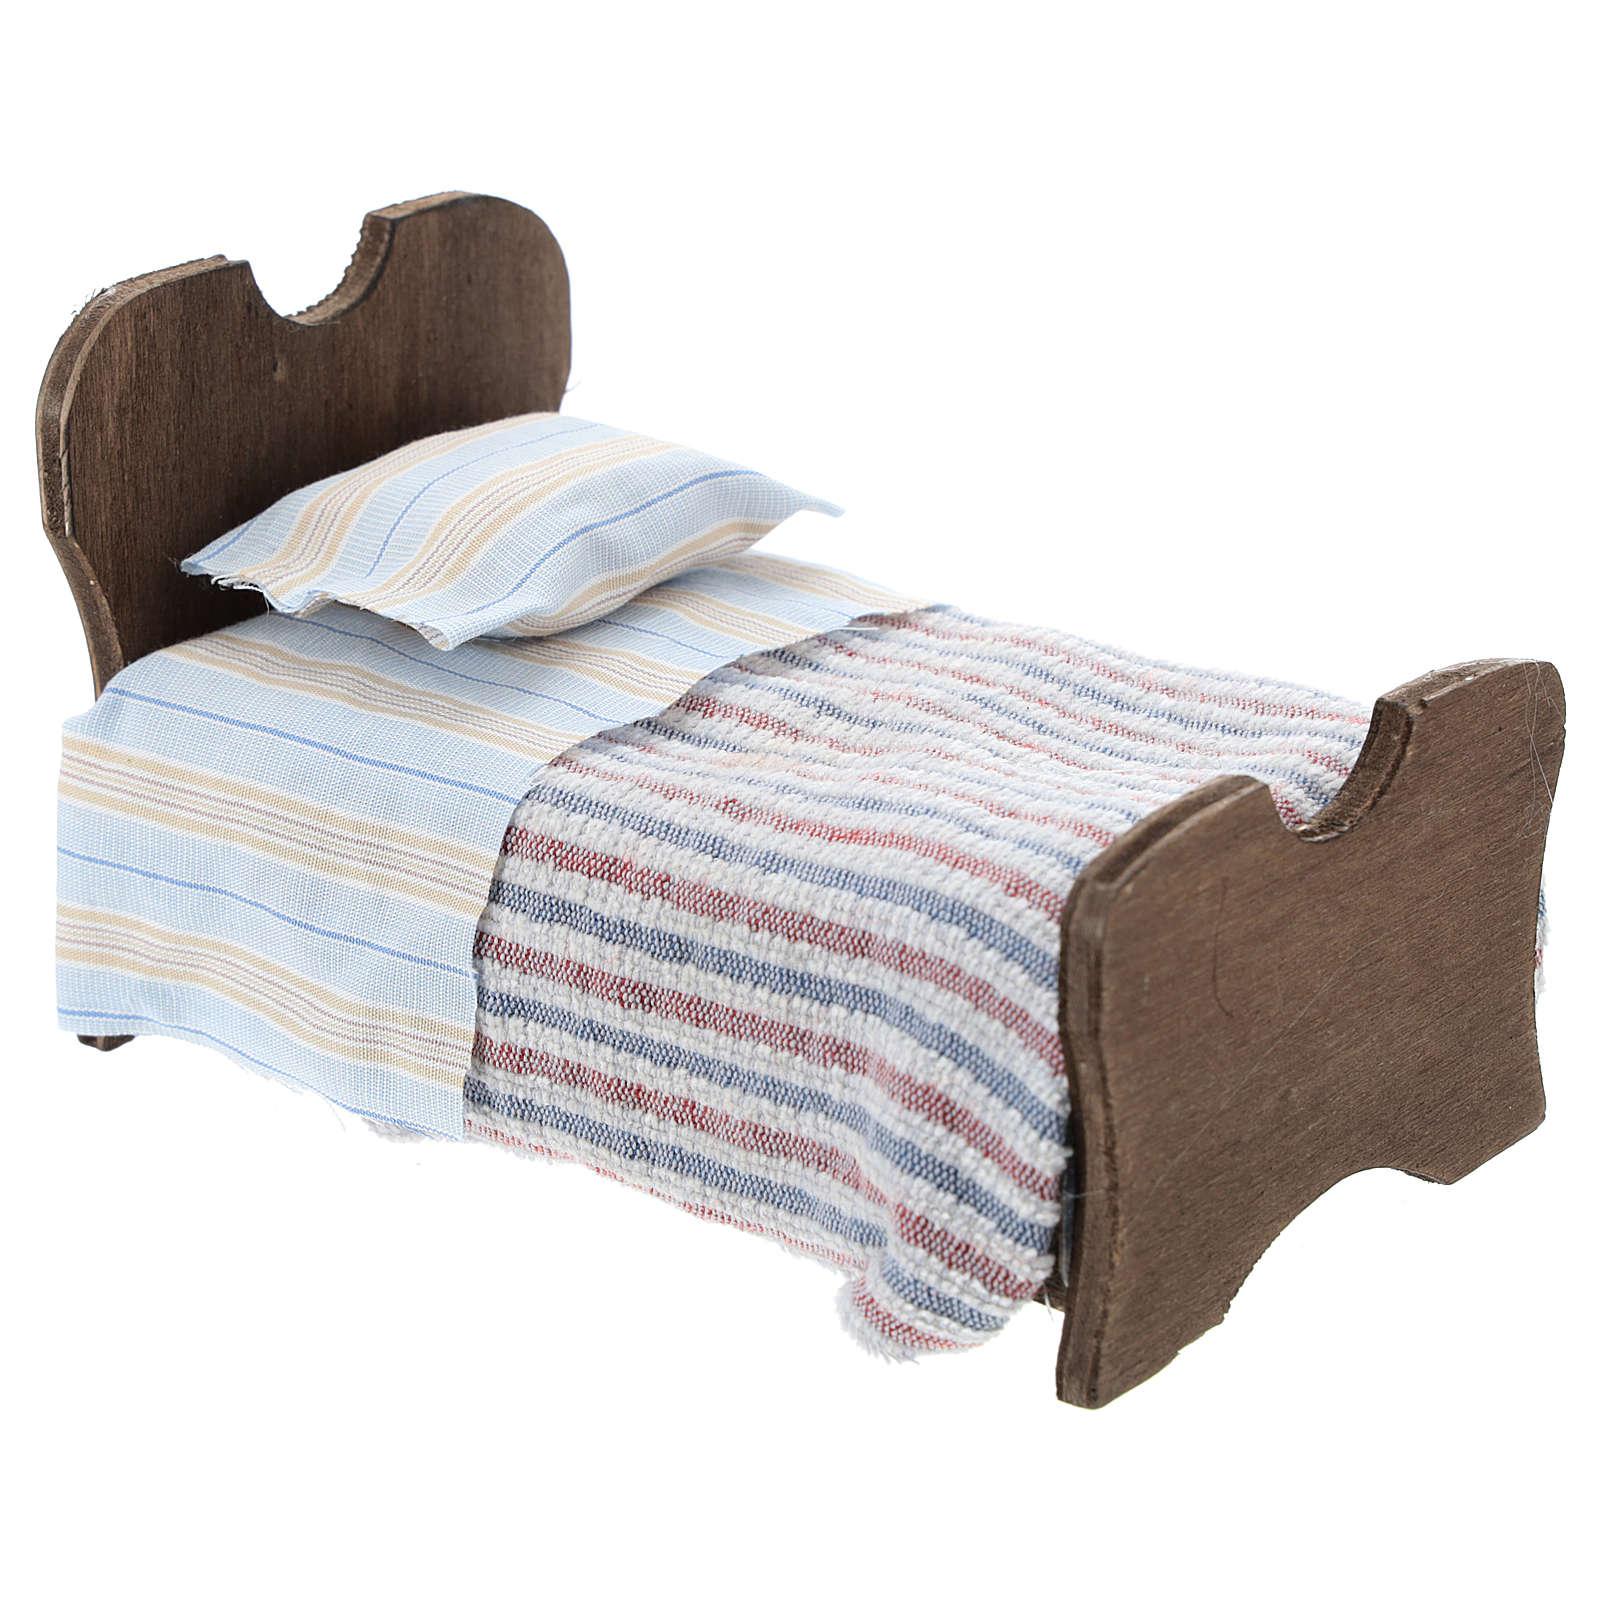 Lit en bois drap et couverture en tissu 10 cm 4